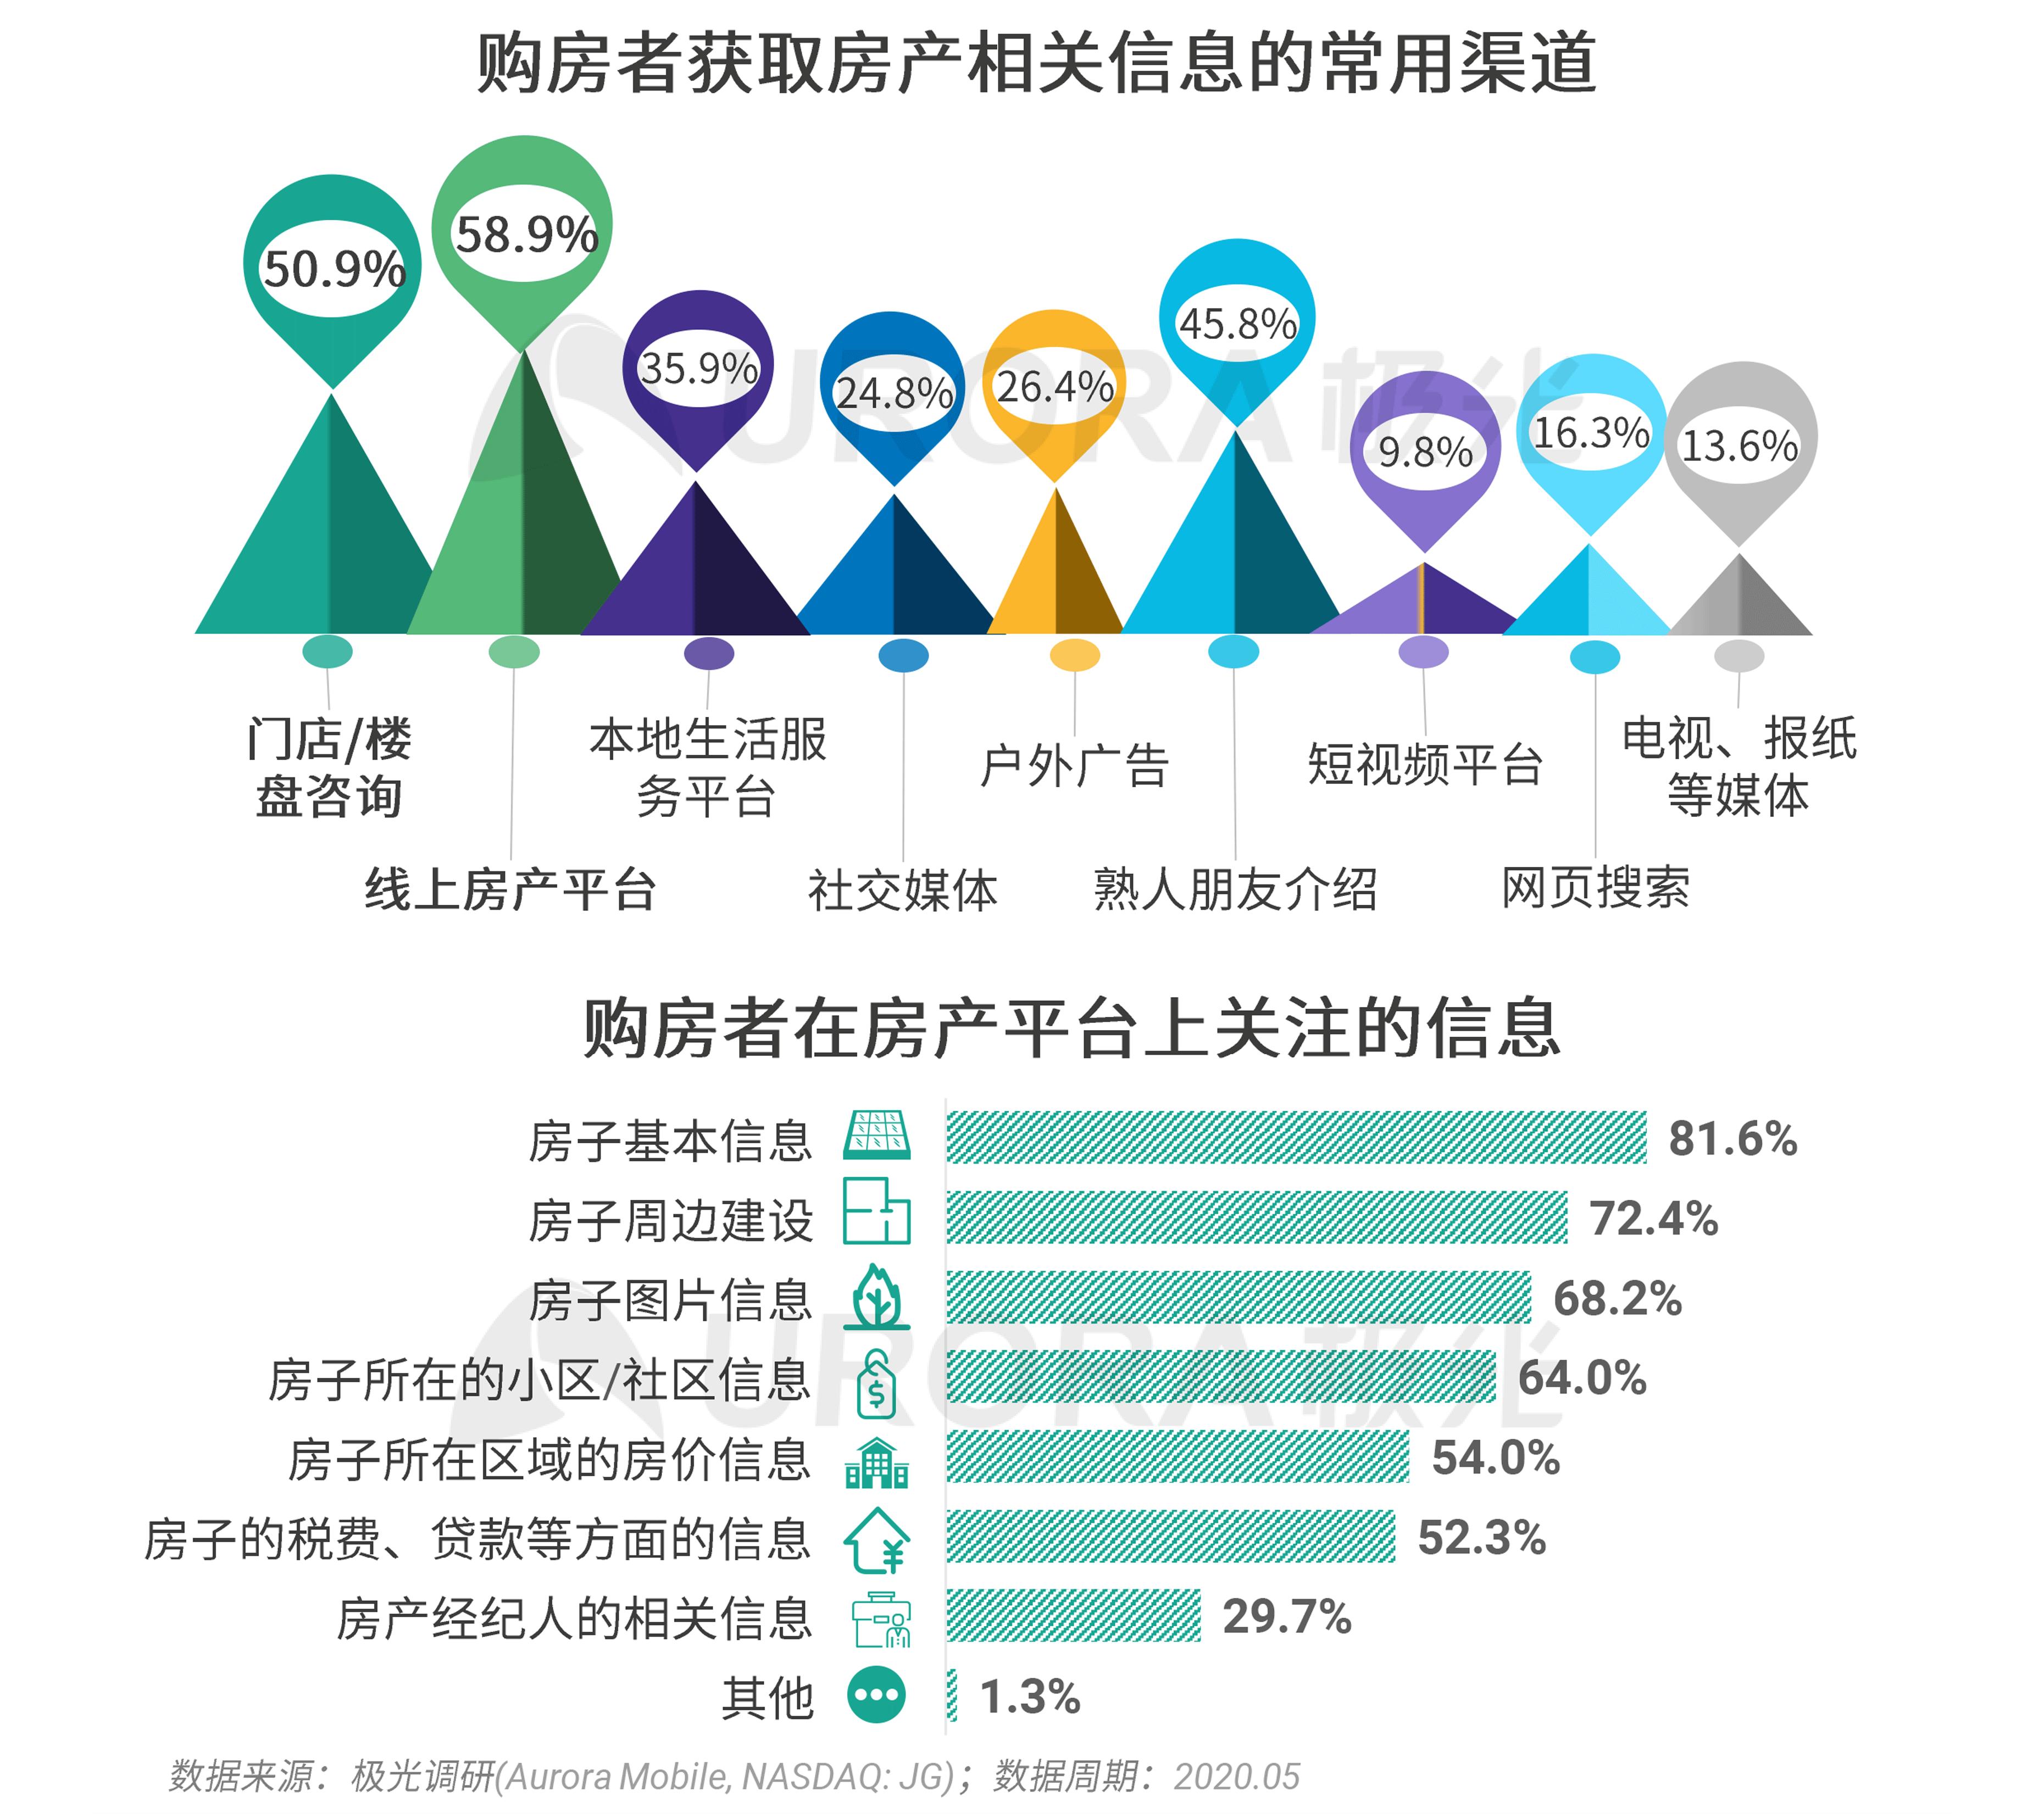 极光:2020年房产经纪行业和购房市场洞察报告 (28).png